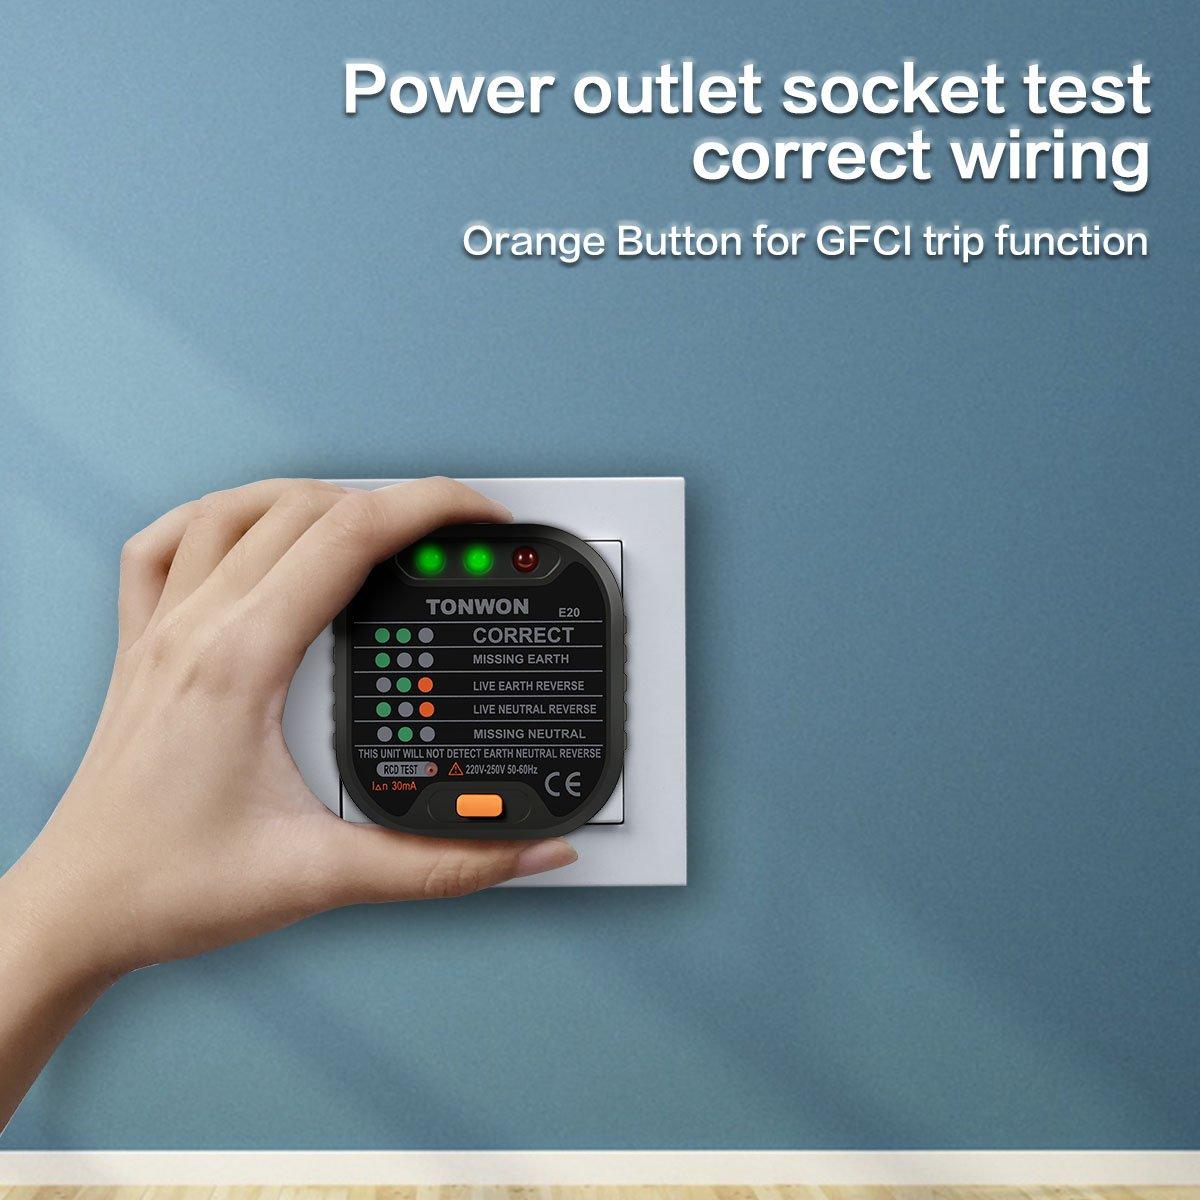 Polarit/é de Circuit /Électrique Automatique Test de Fuite /Électrique Plug Switch Finder Testeur de Prise de Courant Prise de Courant Avanc/ée TONWON GFCI Testeur de C/âblage /Électrique